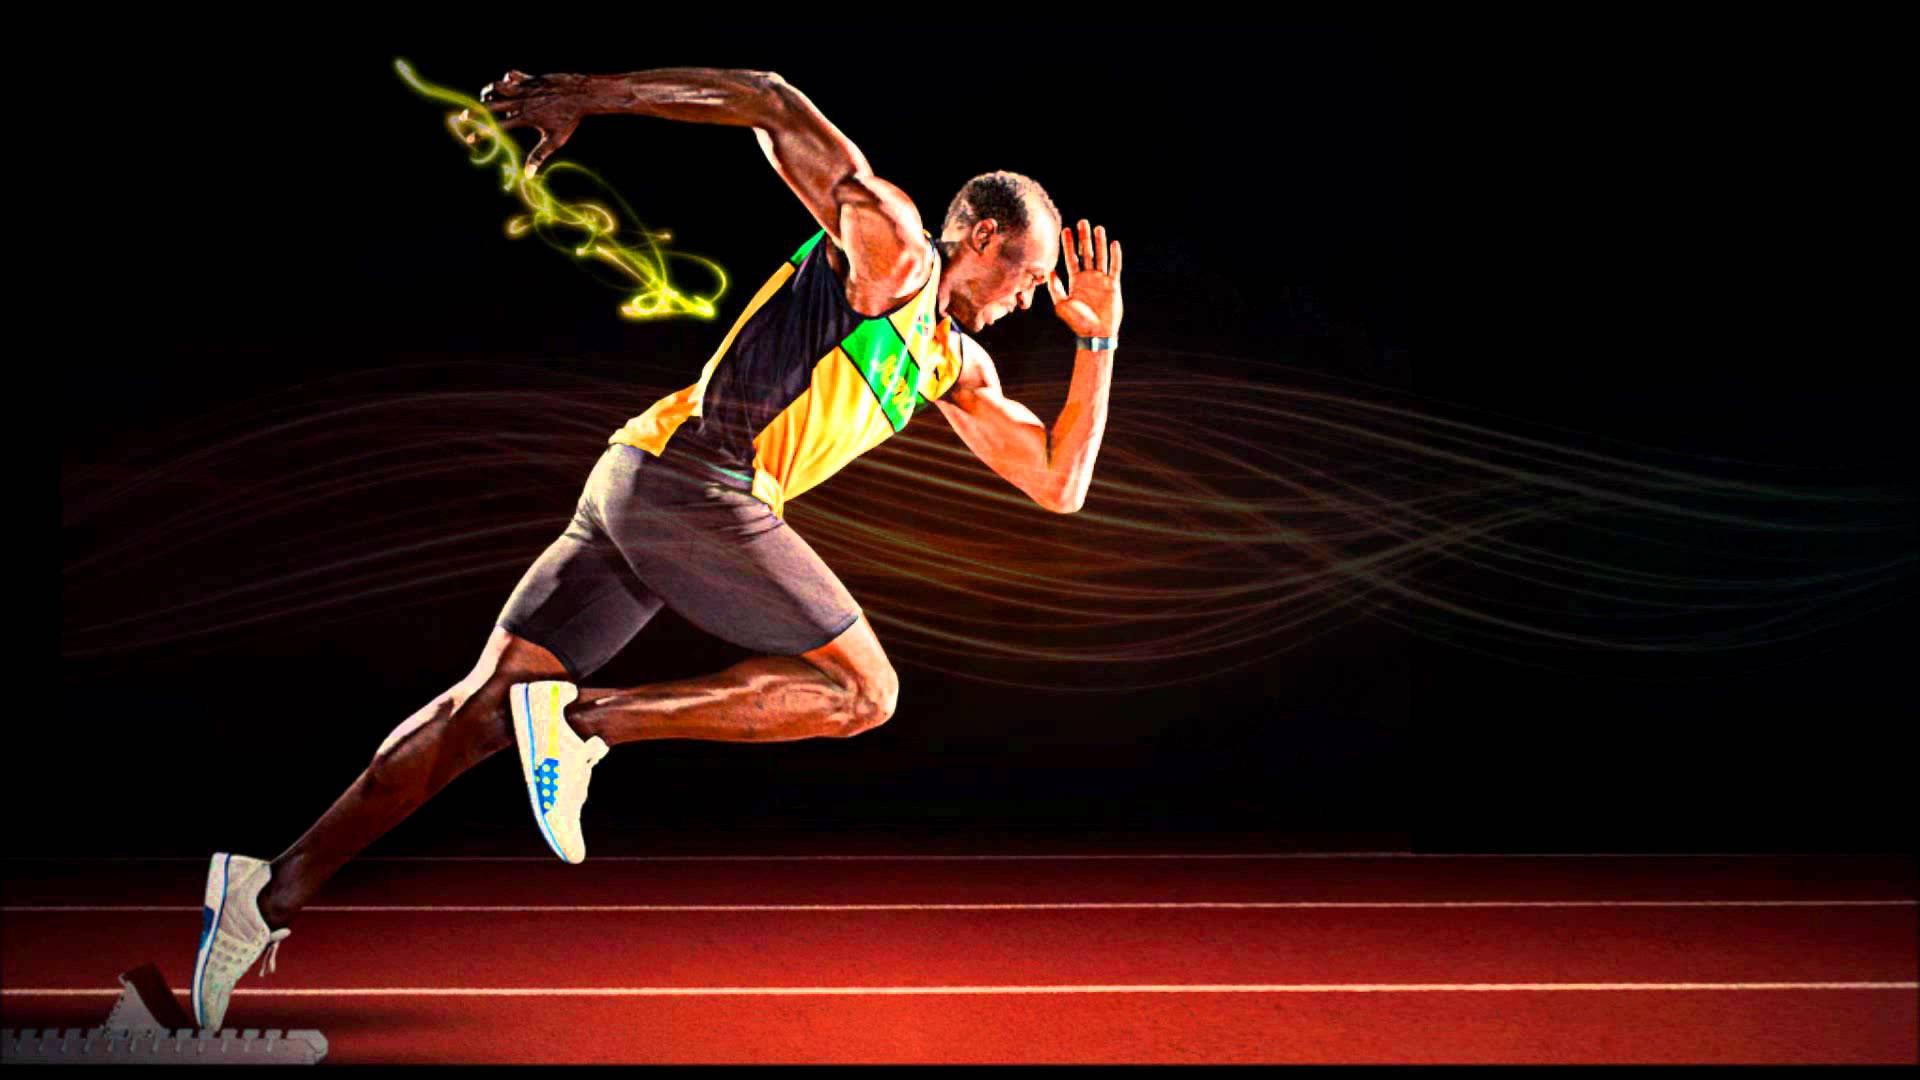 Usain Bolt Wallpaper 1920x1080